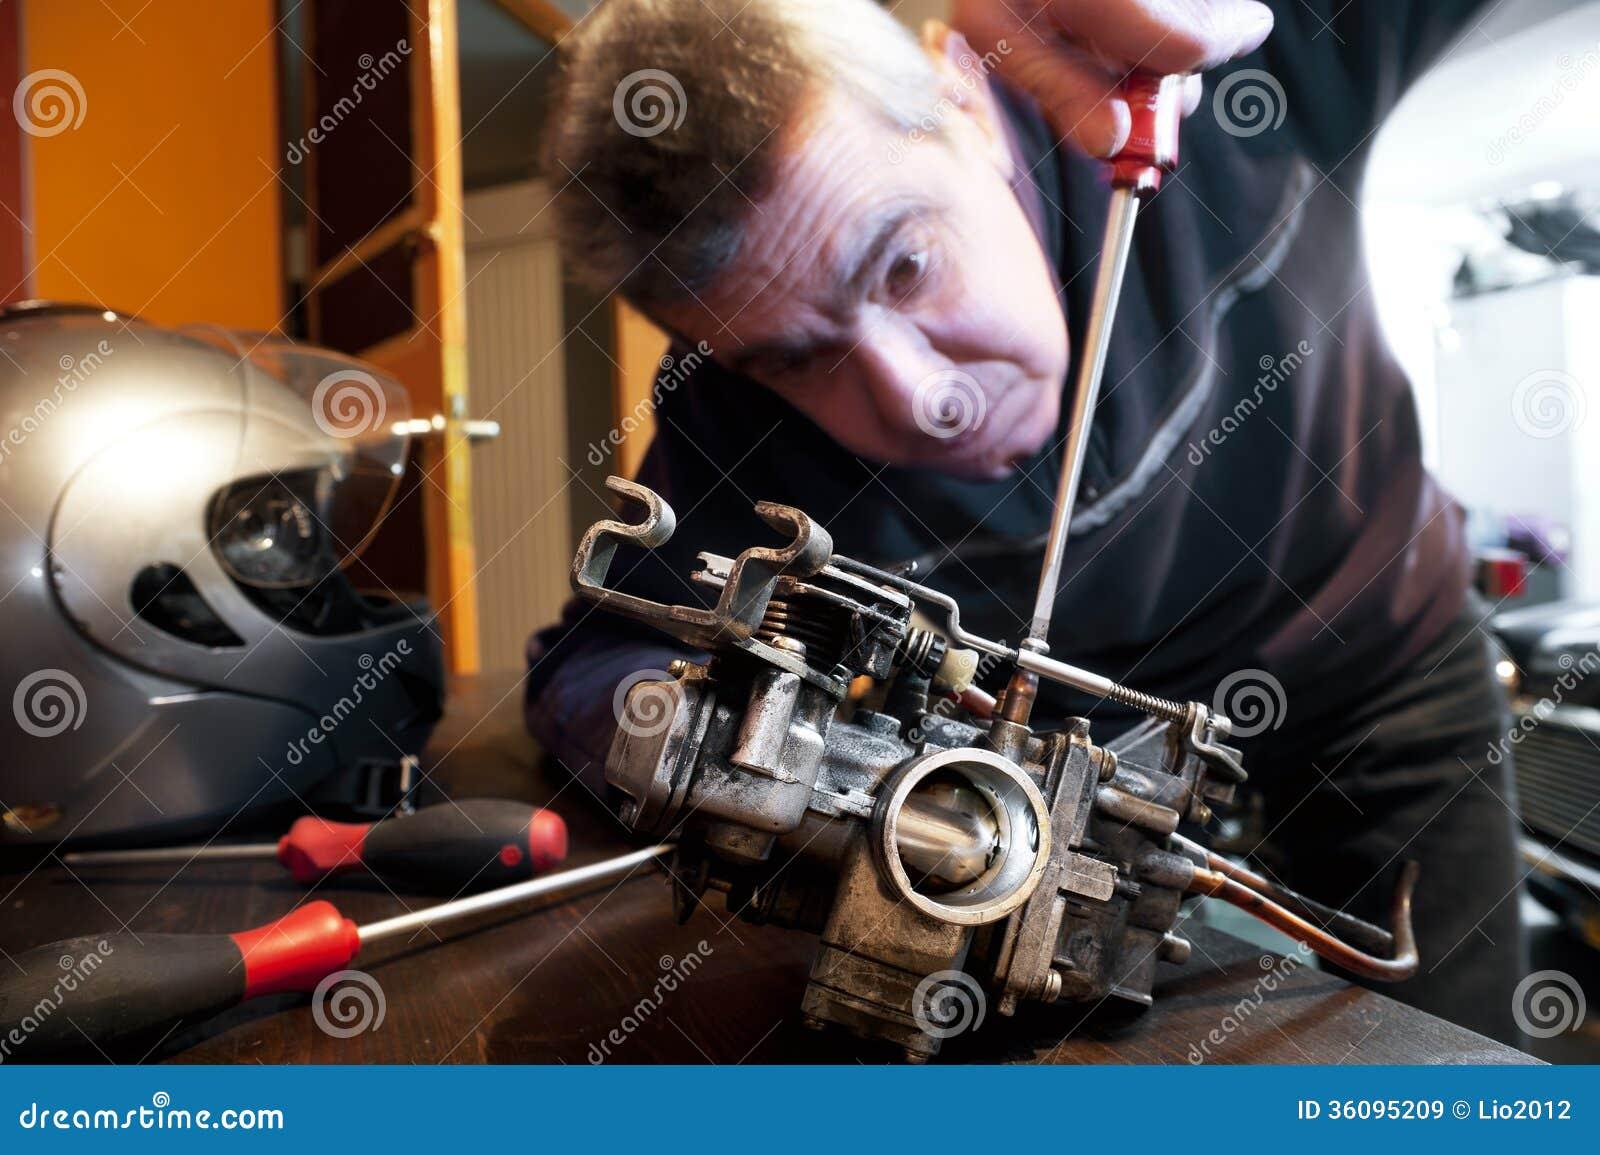 Mechanic Repairs A Carburetor Royalty Free Stock Images